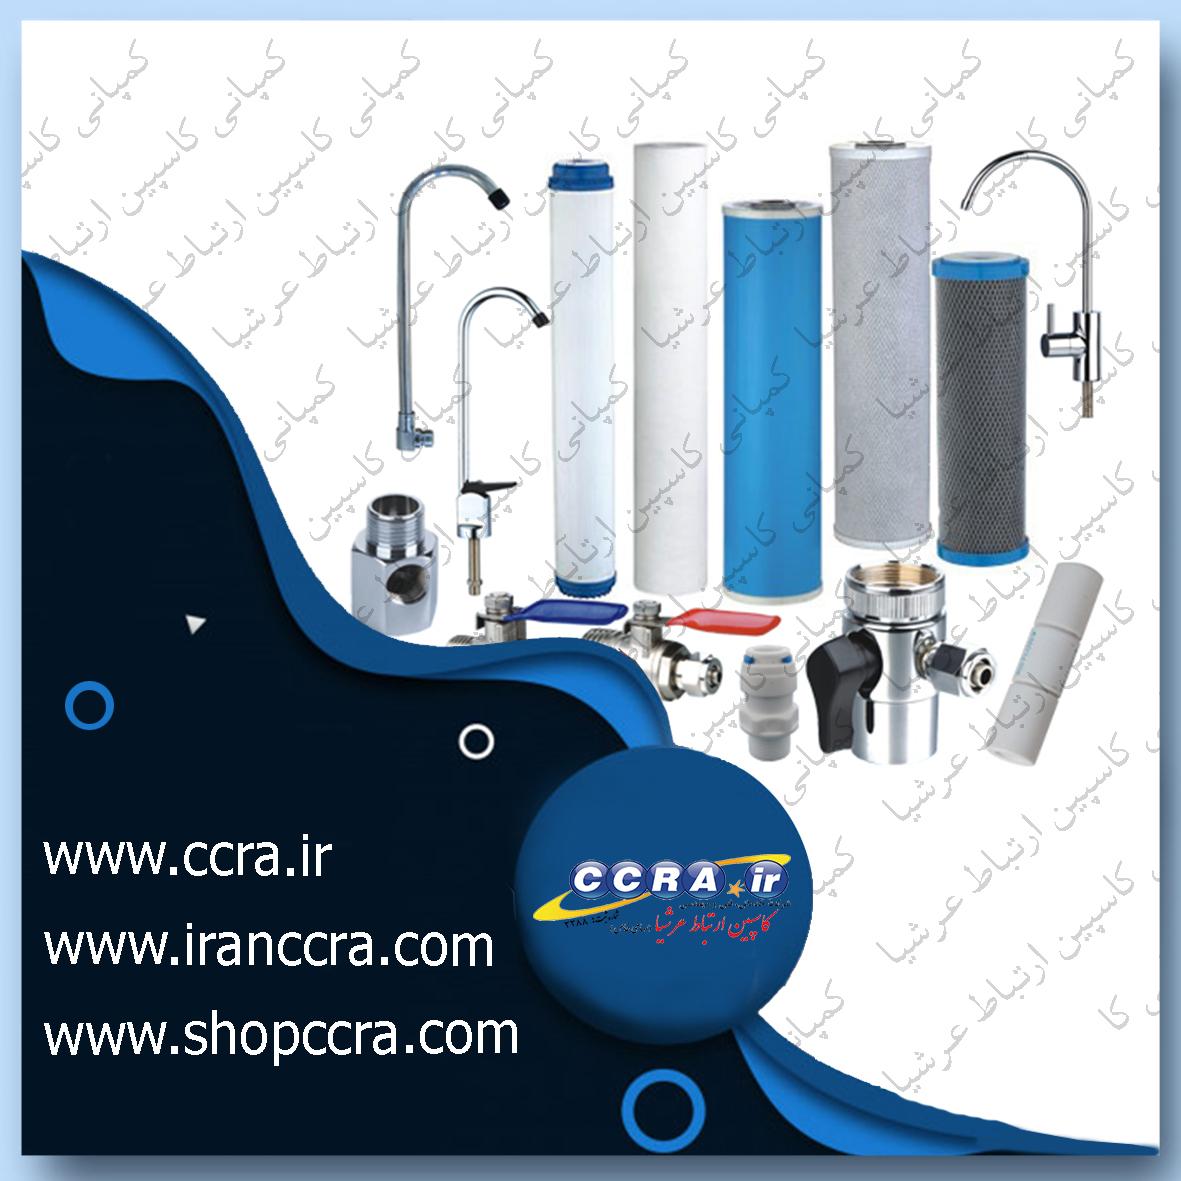 تجهیزات به کار برده شده در دستگاه های تصفیه آب خانگی اسمز معکوس آکوا لایف